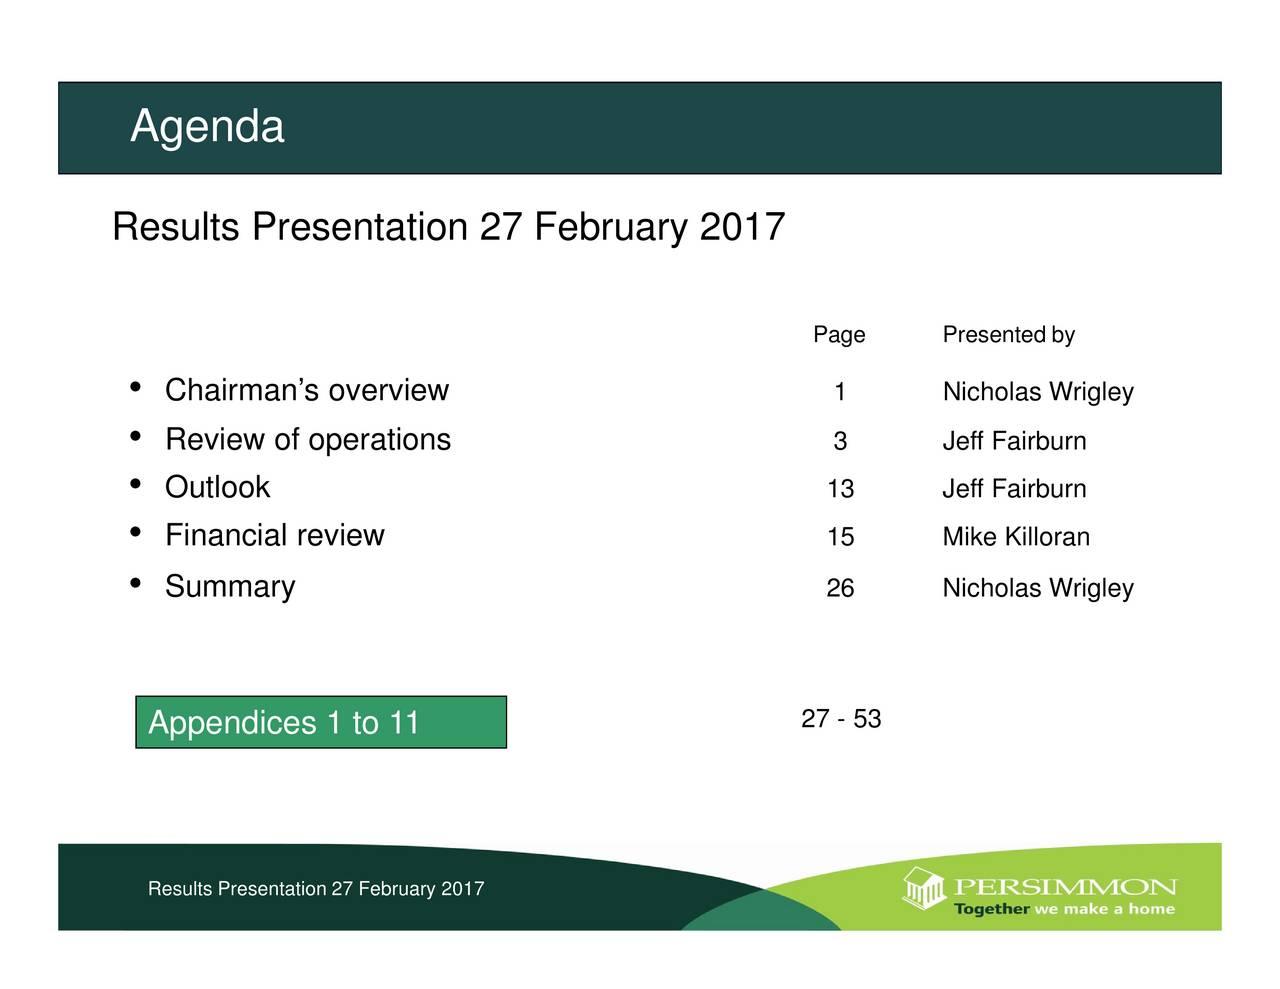 Page Presented byffFiibKcloras Wrigley 27 - 53 ChaRimvinwFonkSreiawievsew Agenda      Appendices R1sls rsentation 27 February 2017 Results Presentation 27 February 2017